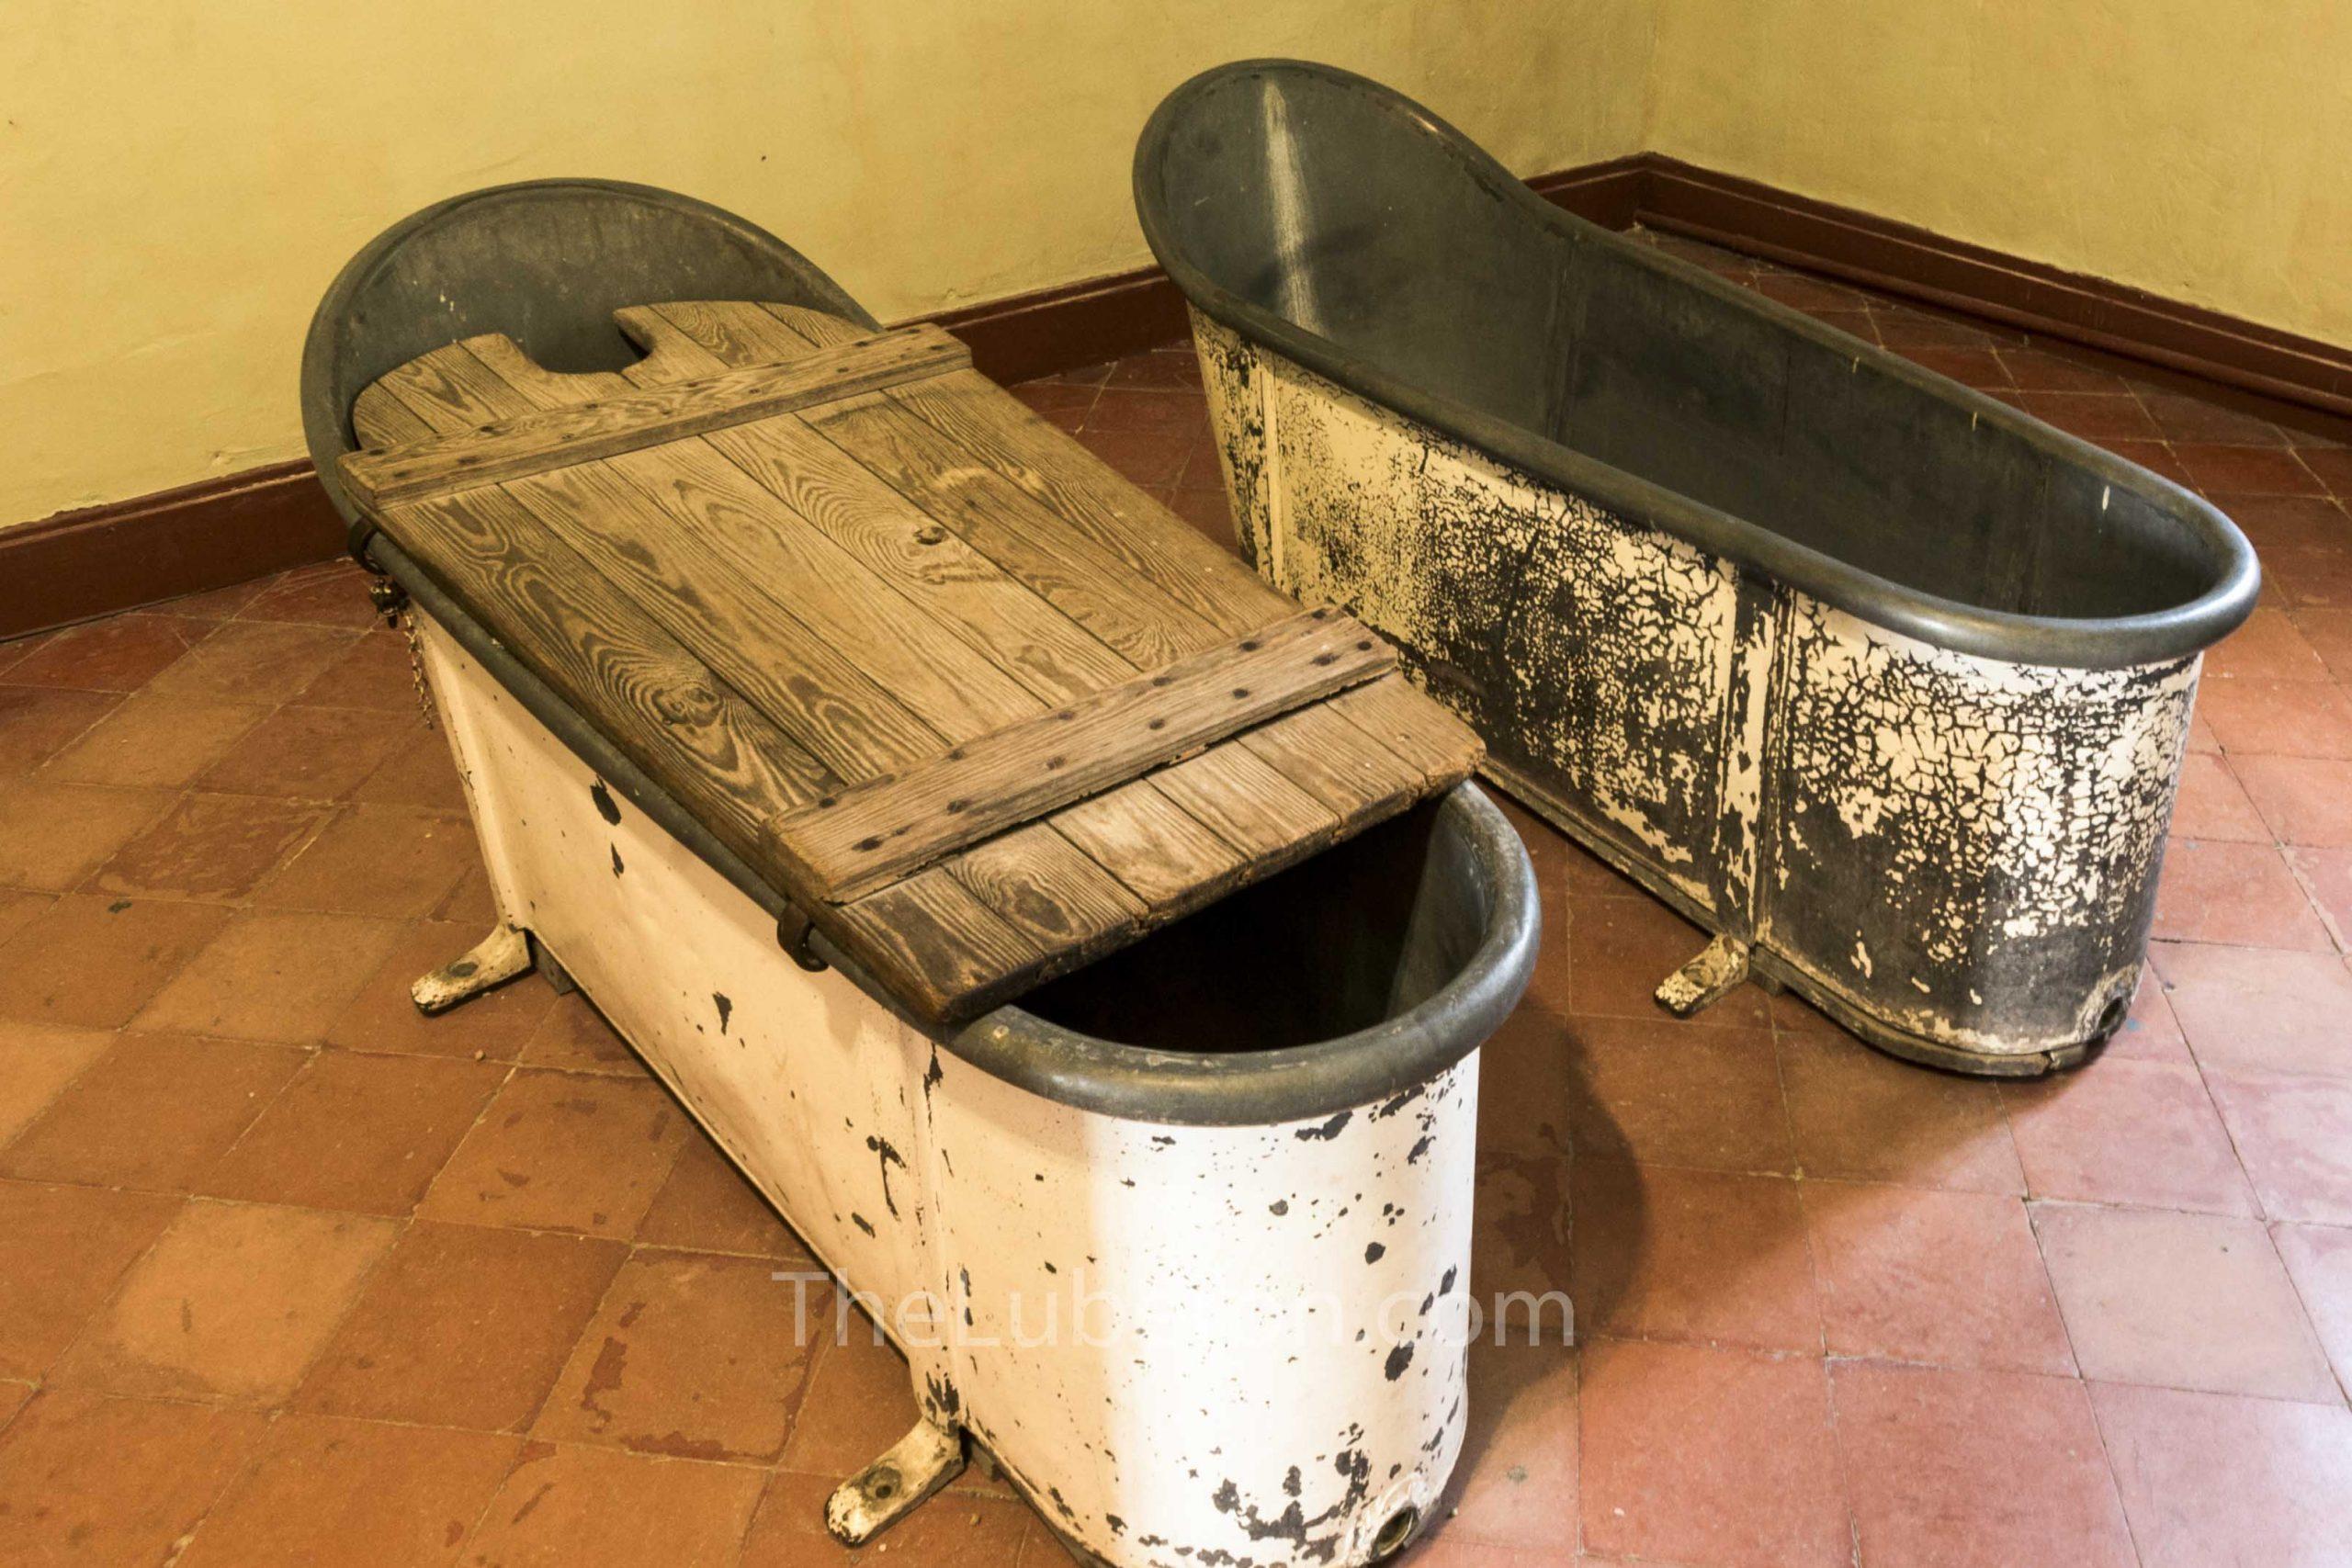 Bath tubs at Saint-Paul de Mausole in St-Remy